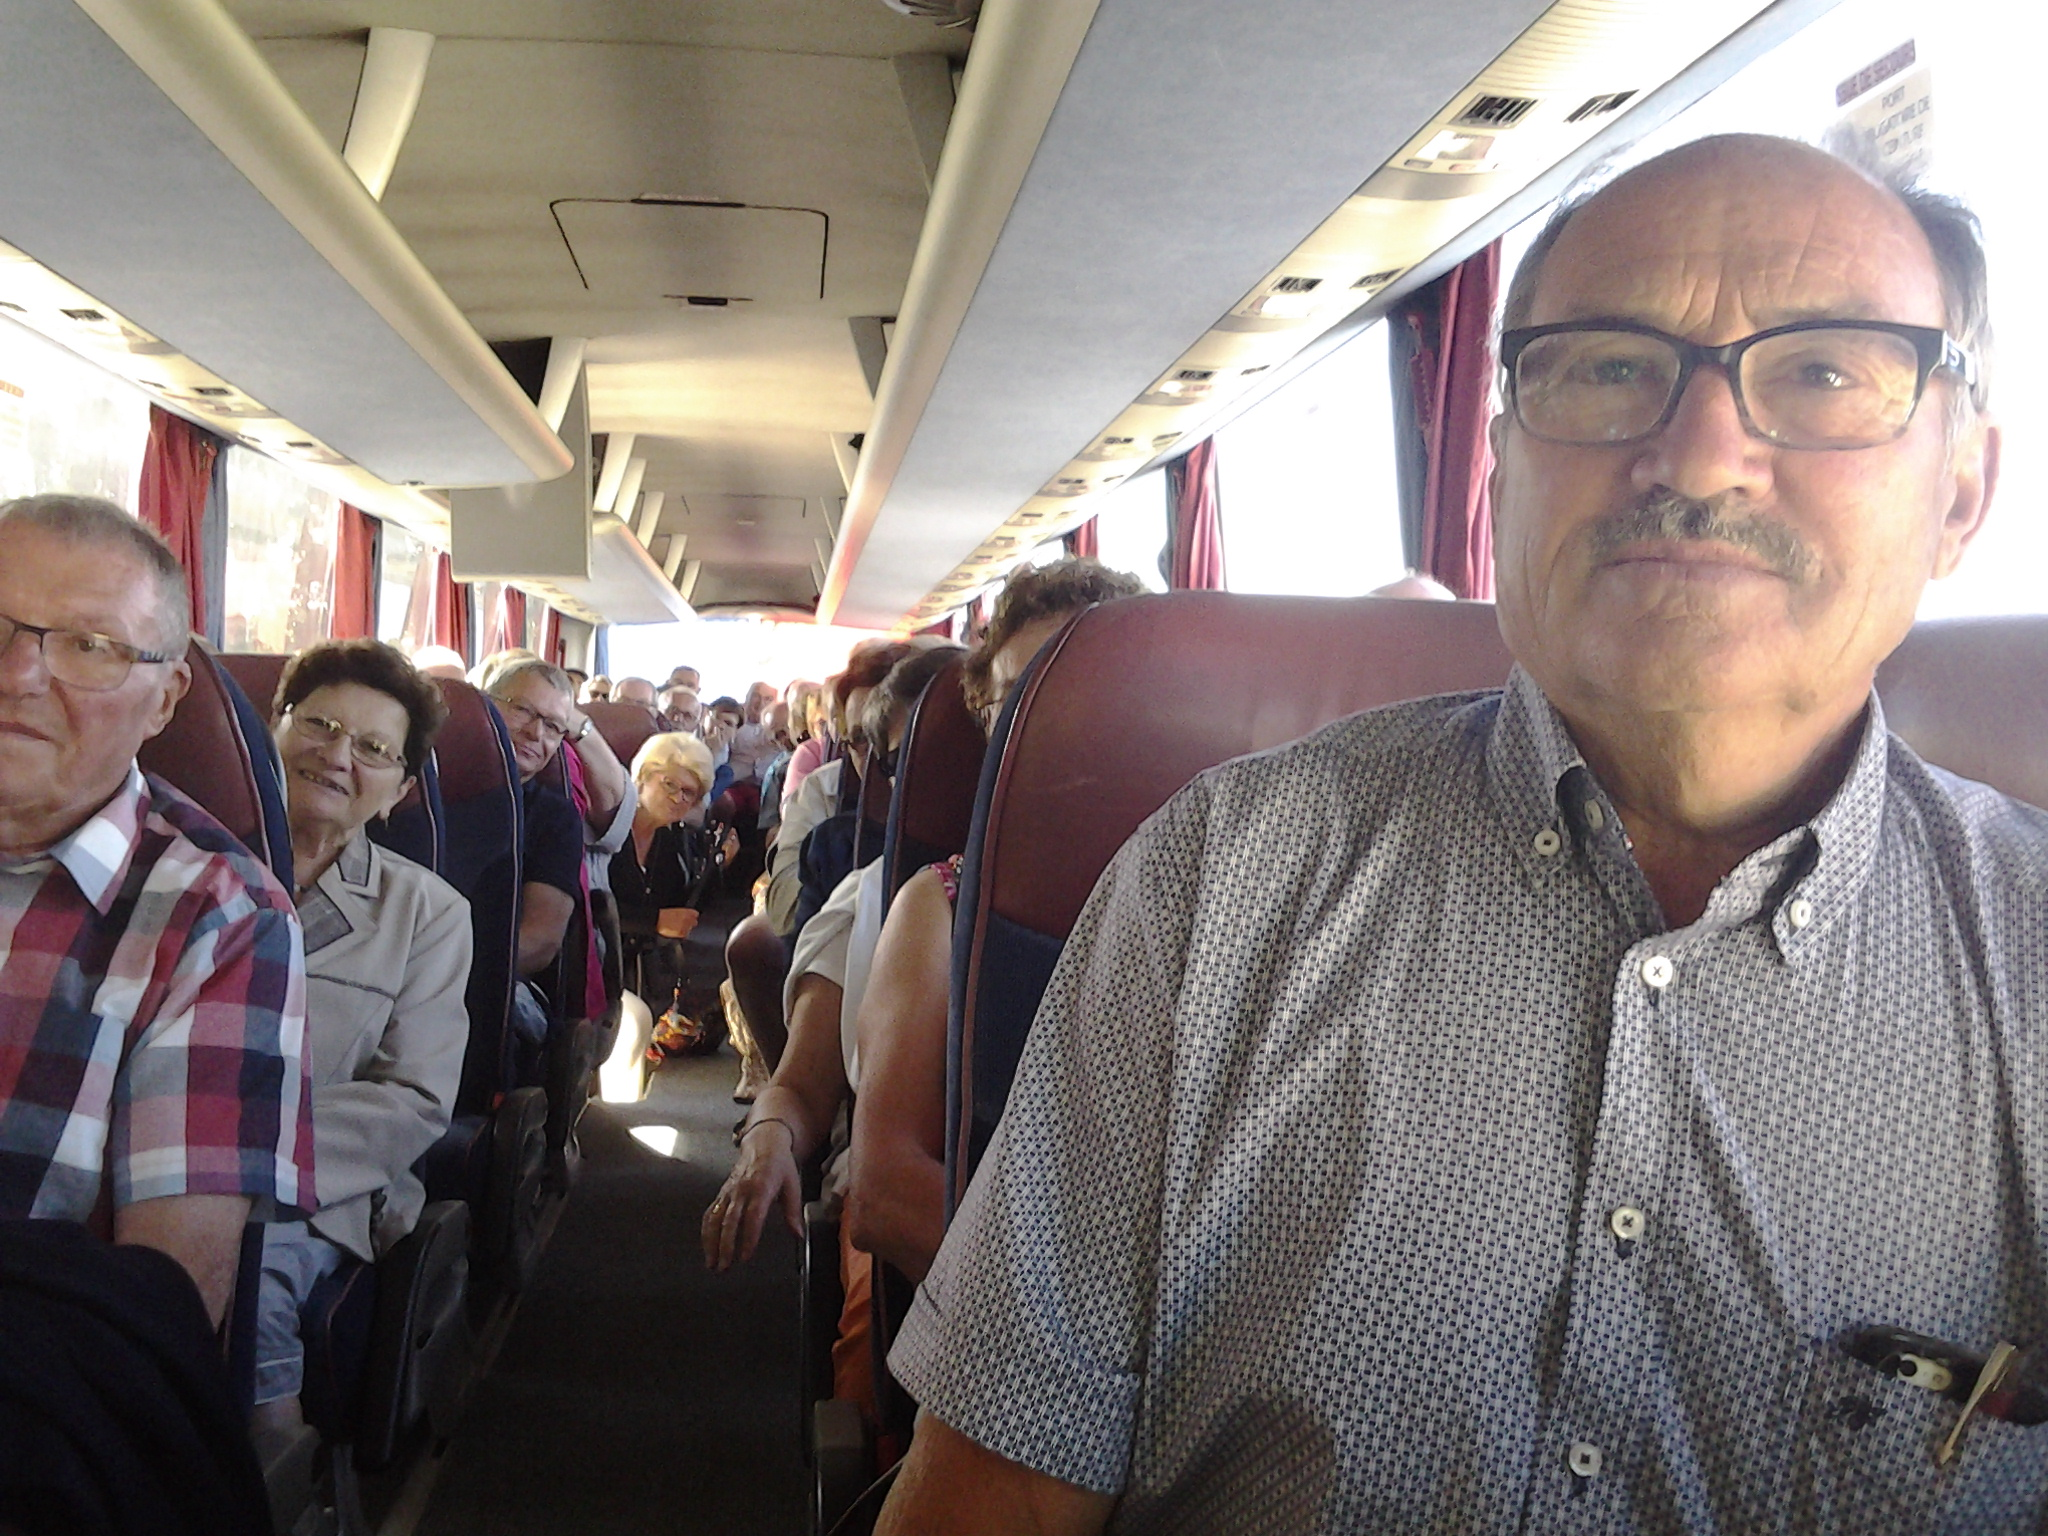 9h00 du matin à bord de l'autocar : direction Ker-Bristou